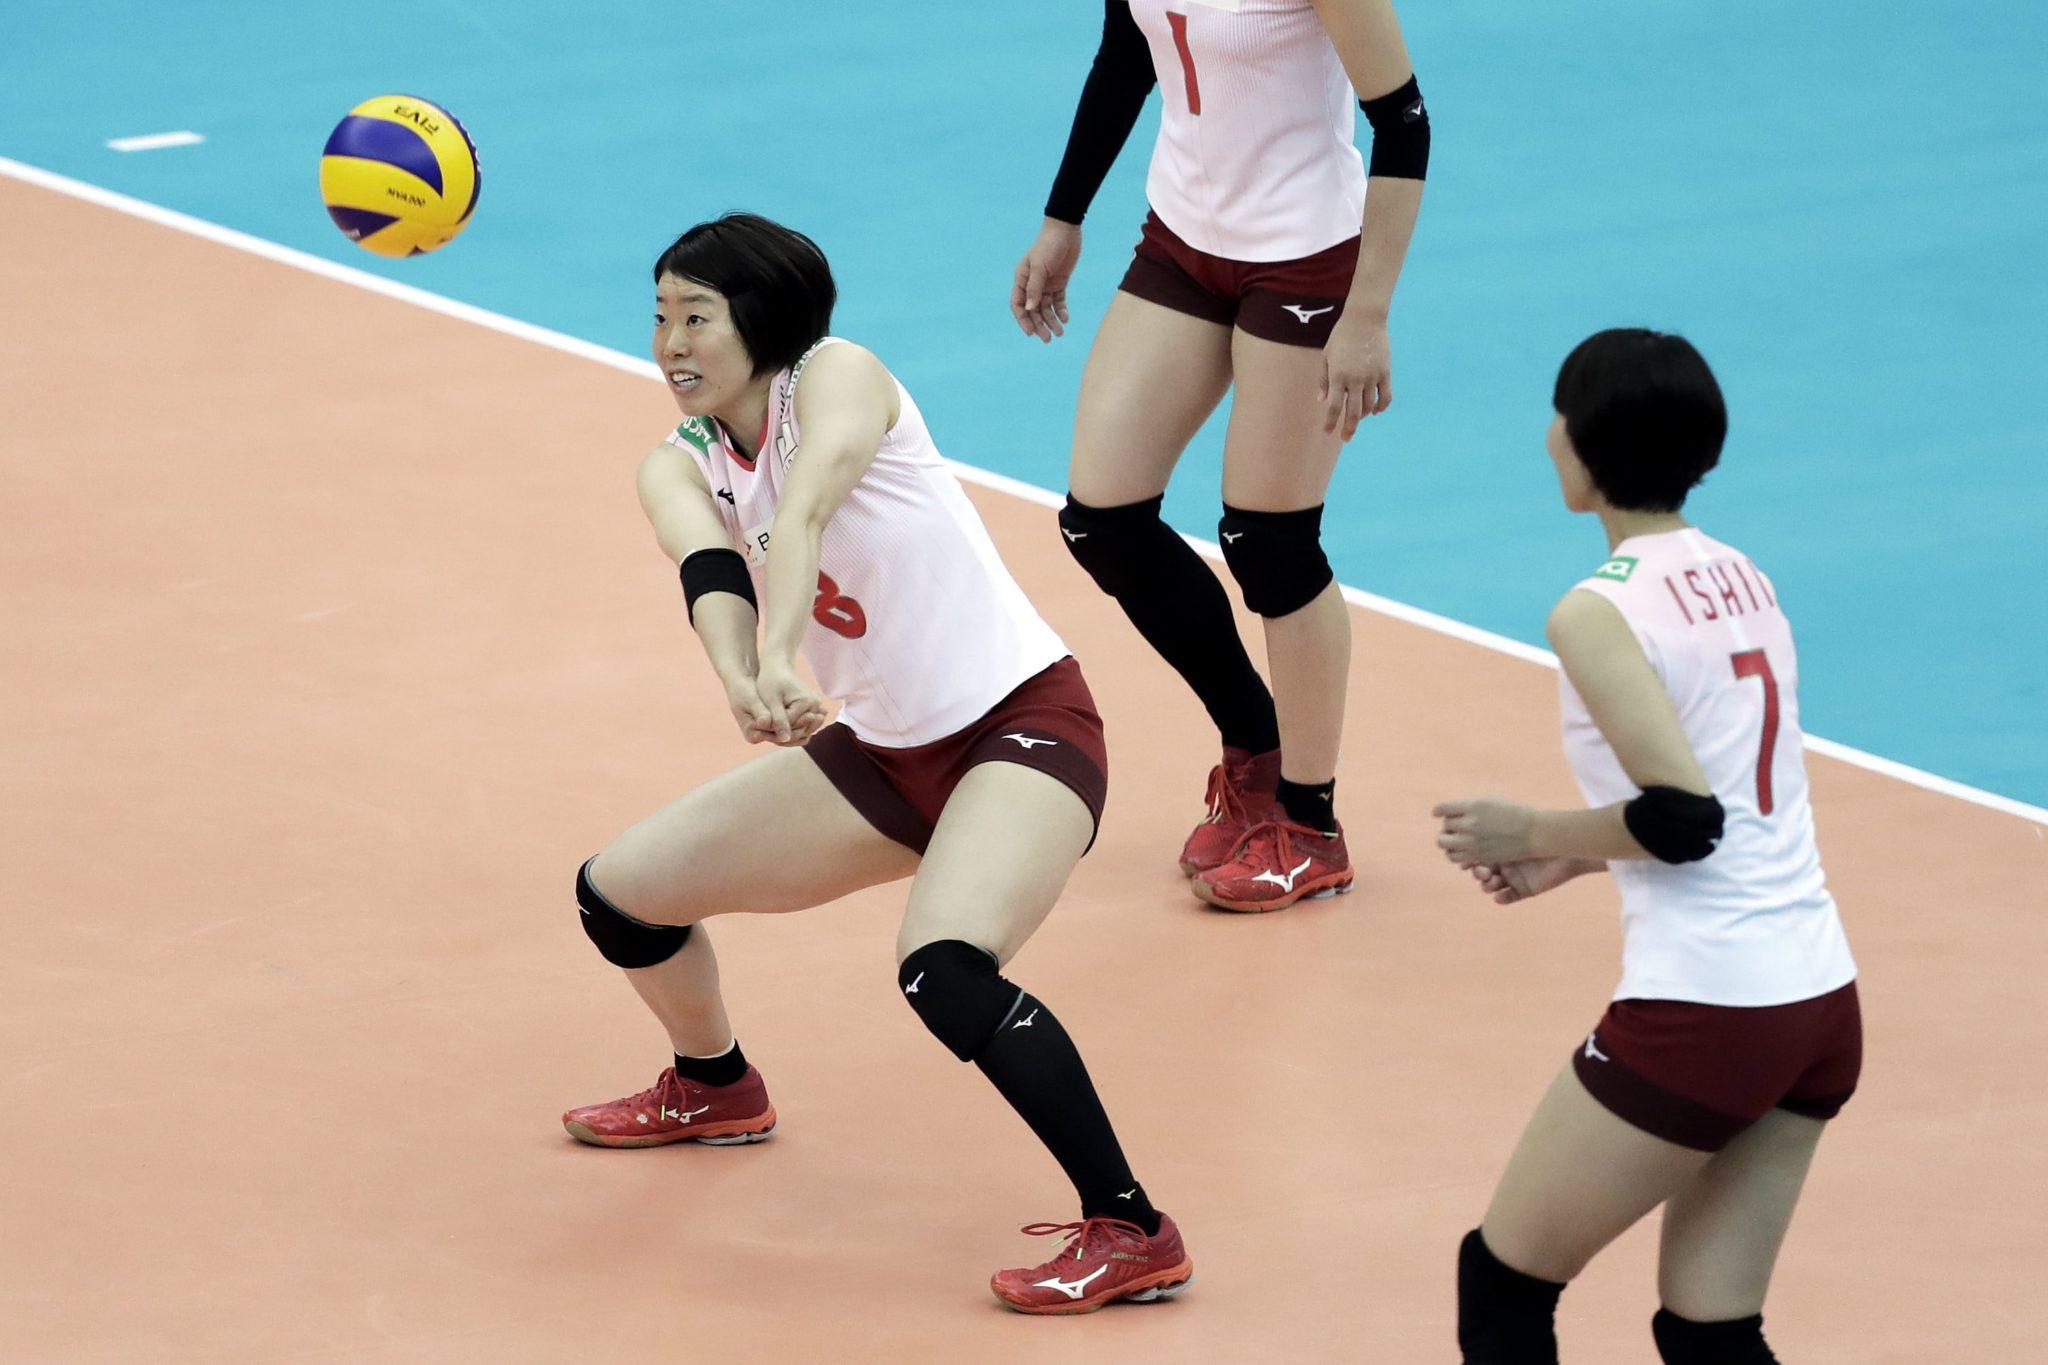 Women's World Championship Pool. Mecz pomiędzy Japonią i Serbią w Nagoi, w Japonii, fot. Kiyoshi Ota, PAP/EPA